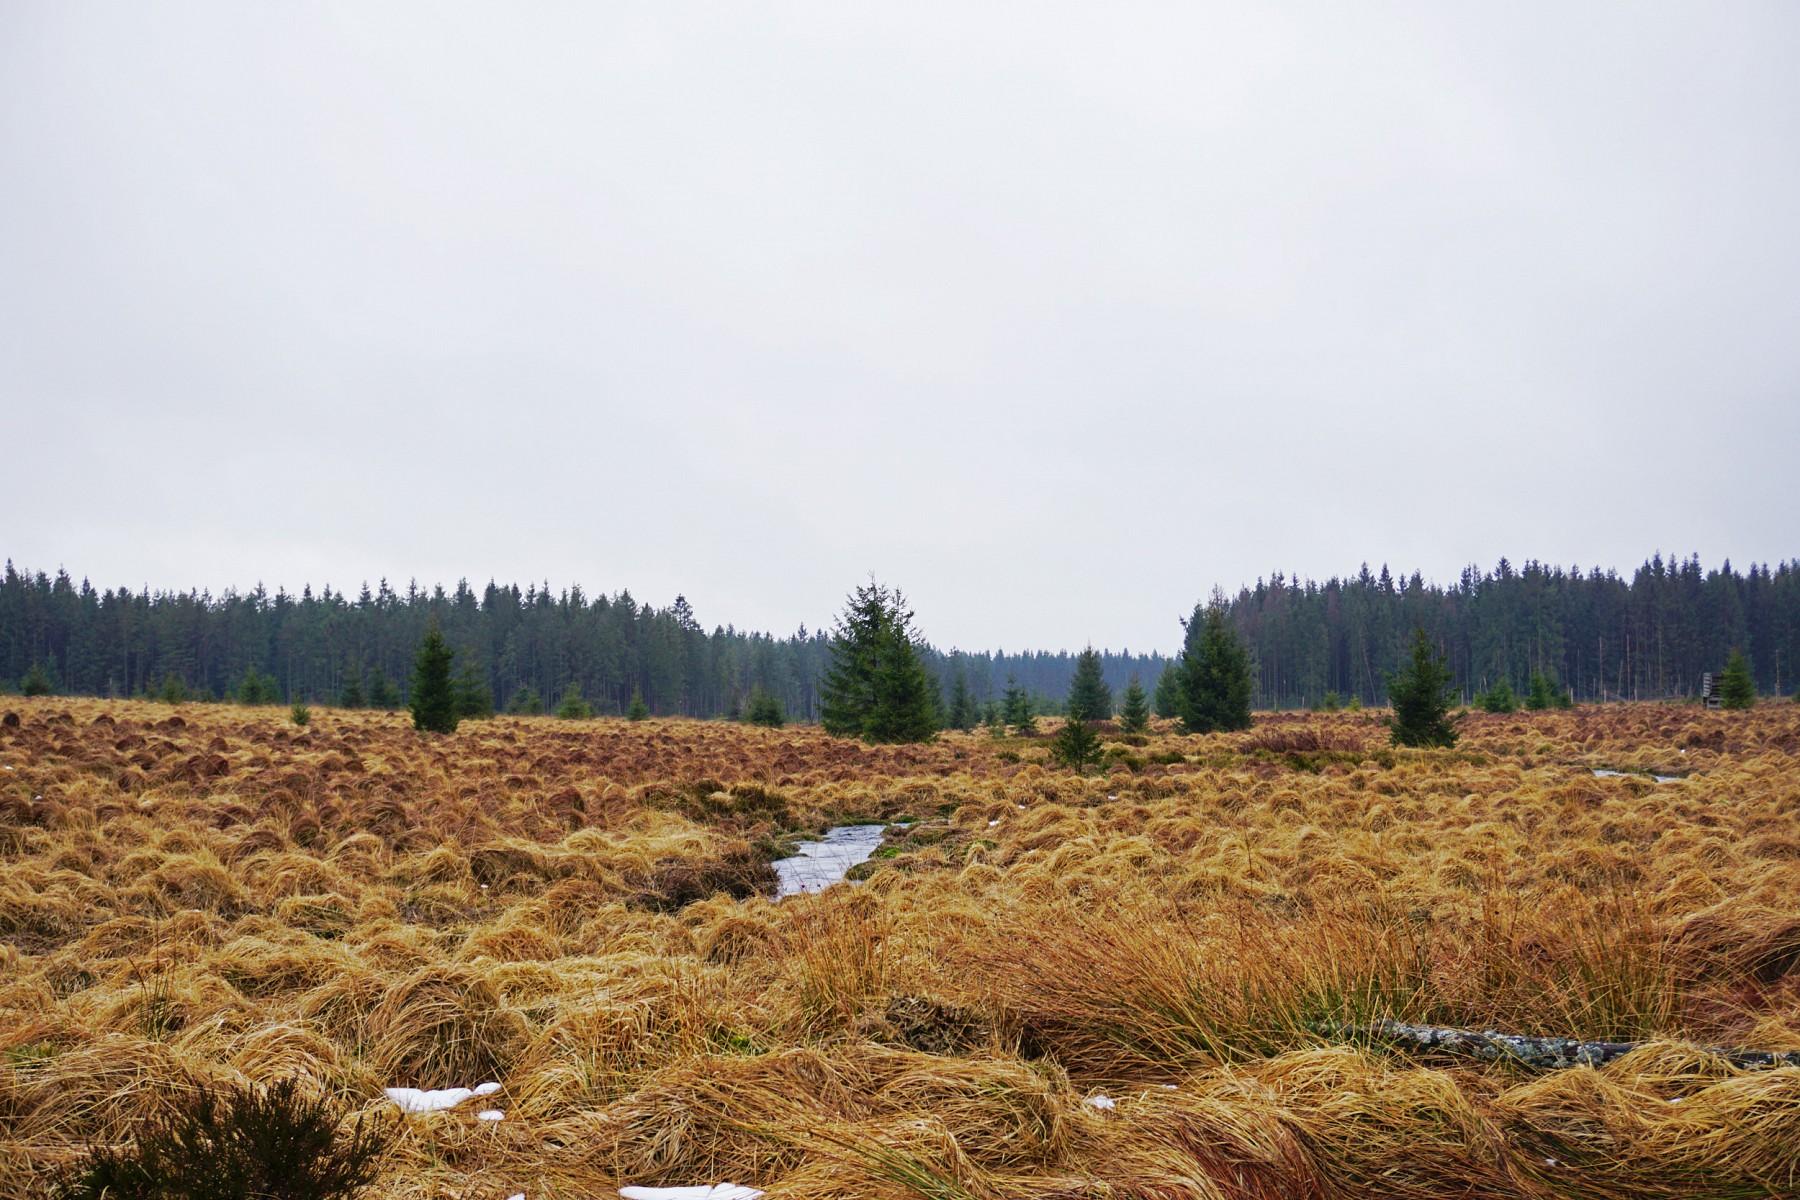 pMeine-Wanderung-im-Maumlrz-2020-entlang-der-25-km-langen-Hillnbspwurde-etwas-abenteuerlicher-als-geplant-Als-ich-am-Morgen-losging-war-das-Hochmoor-in-graue-Wolken-gehuumllltbr-Alle-Fotos-copy-Svenja-Walterp